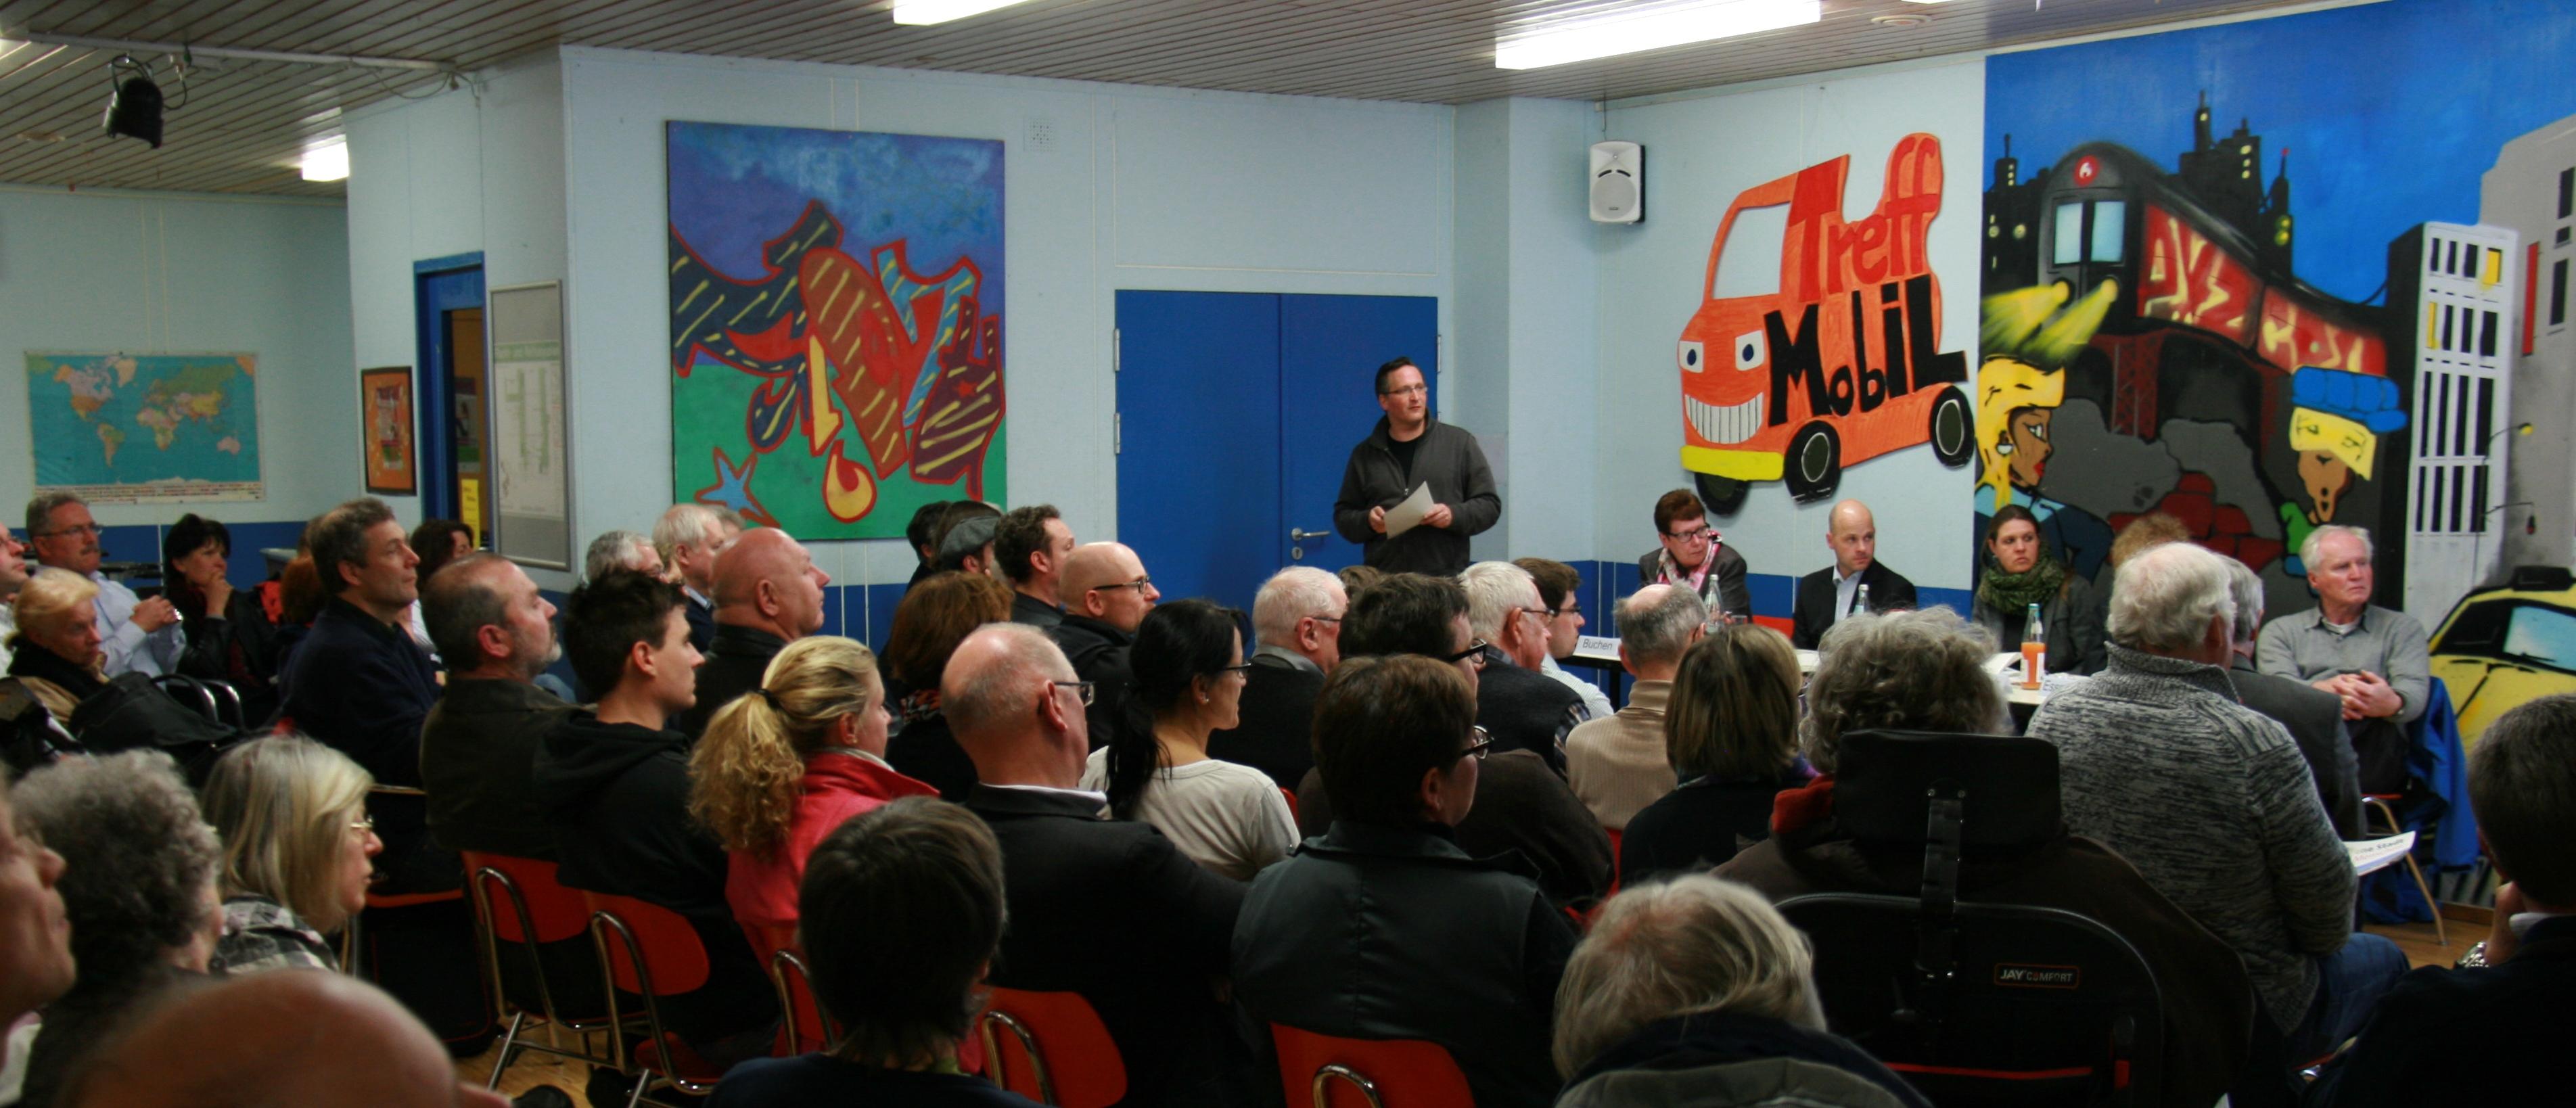 Bürgergespräch der SPD-Fraktion in Haslach